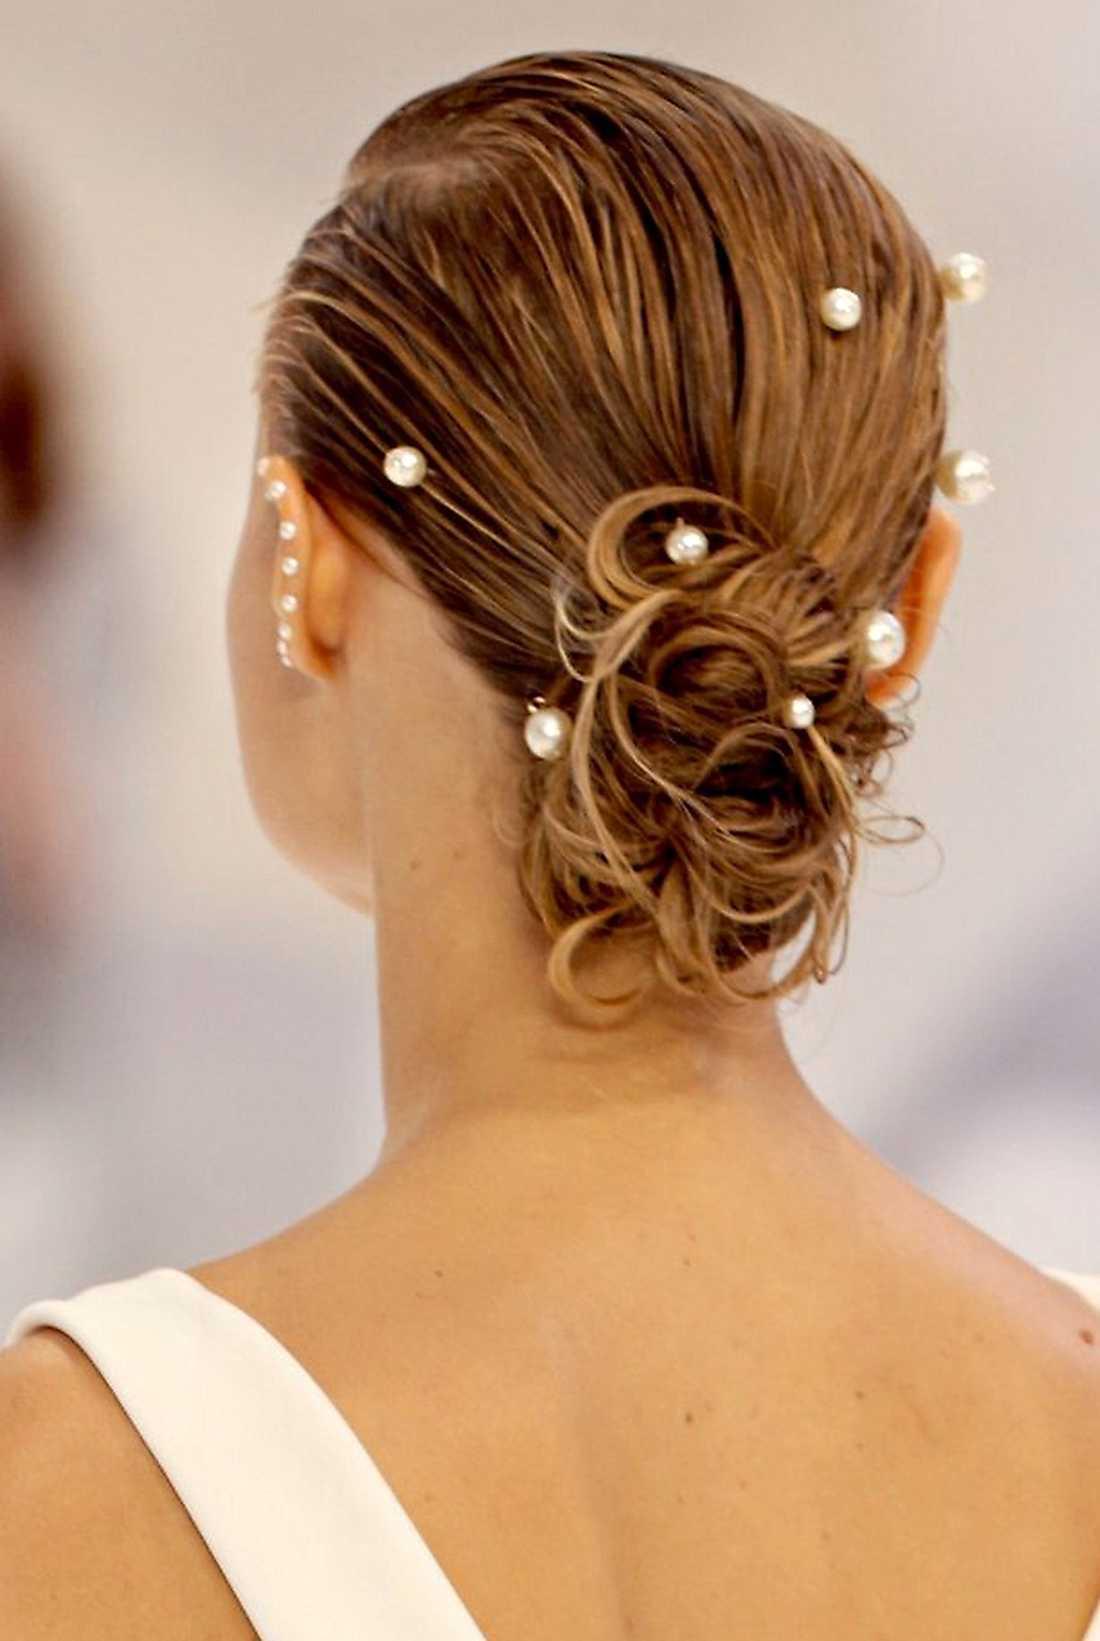 """chanel. Sno partyfrippan från modellerna på Chanels vårvisning! Slätkamma håret till en frissfri backslick och fäst i en tofs som sveps upp till en knut. Dekorera med stora pärlor uppträdda på hårnålar. Ett utslätande serum tämjer småhår och kluvna toppar, testa """"Absolut repair cellular treatment serum"""" ur serien """"Série expert"""" från L'Oréal Professionnel för 180 kronor."""